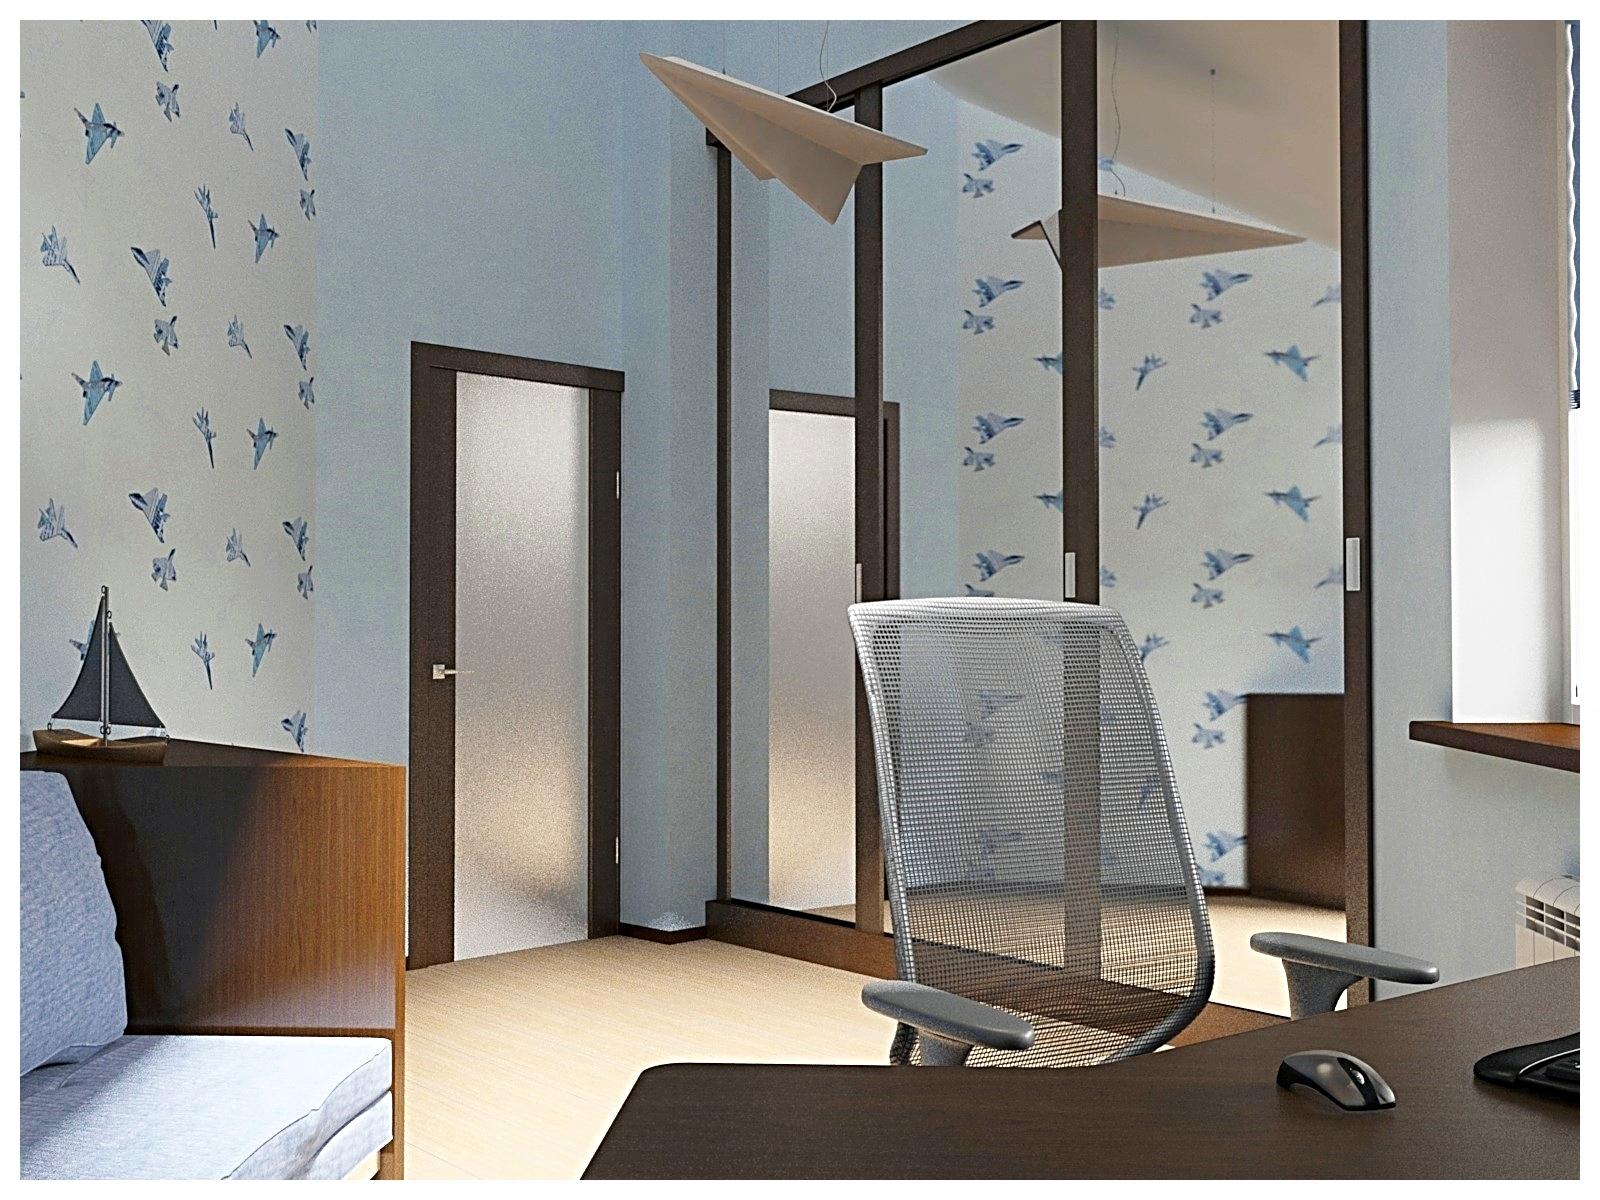 Дизайн интерьеров дома. Детская 1.